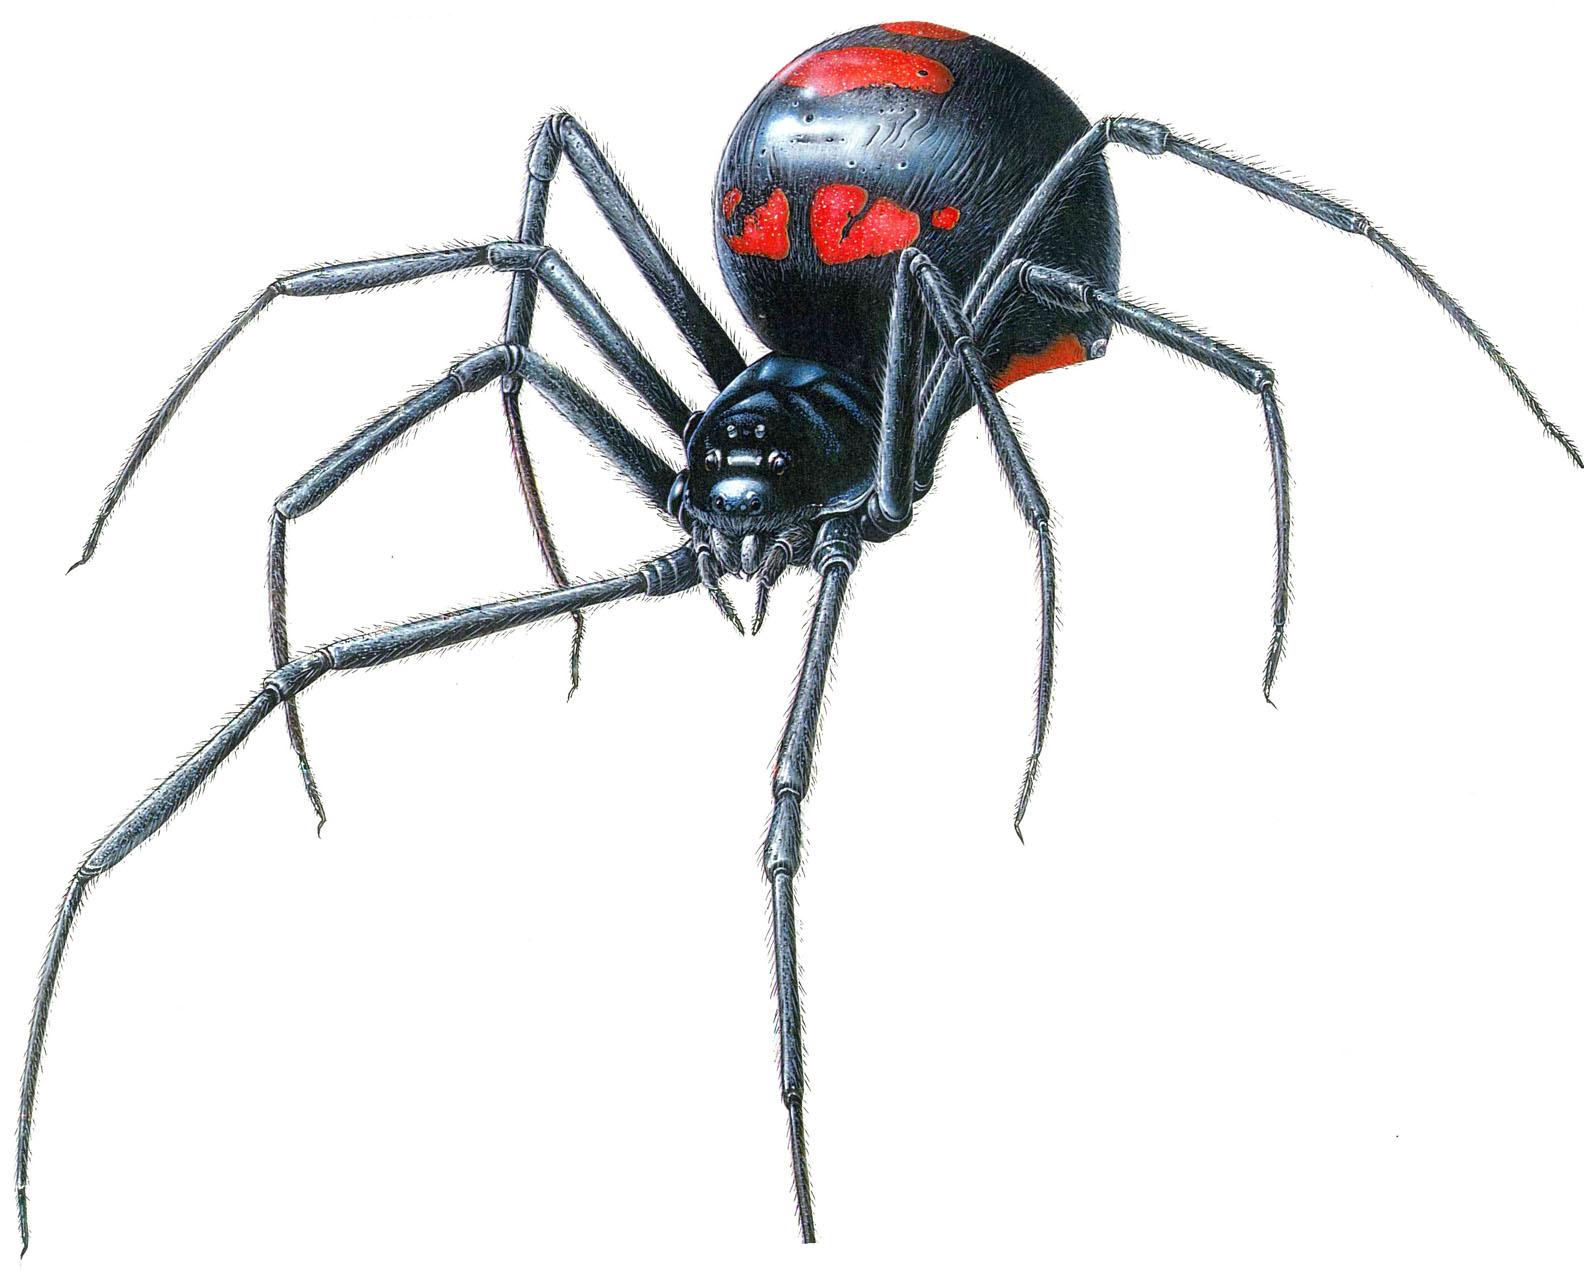 http://2.bp.blogspot.com/_scfe5YzN958/TDrRyLvRtxI/AAAAAAAACBg/UzSfCGuuQ24/s1600/Black+Widow+Spider.jpg